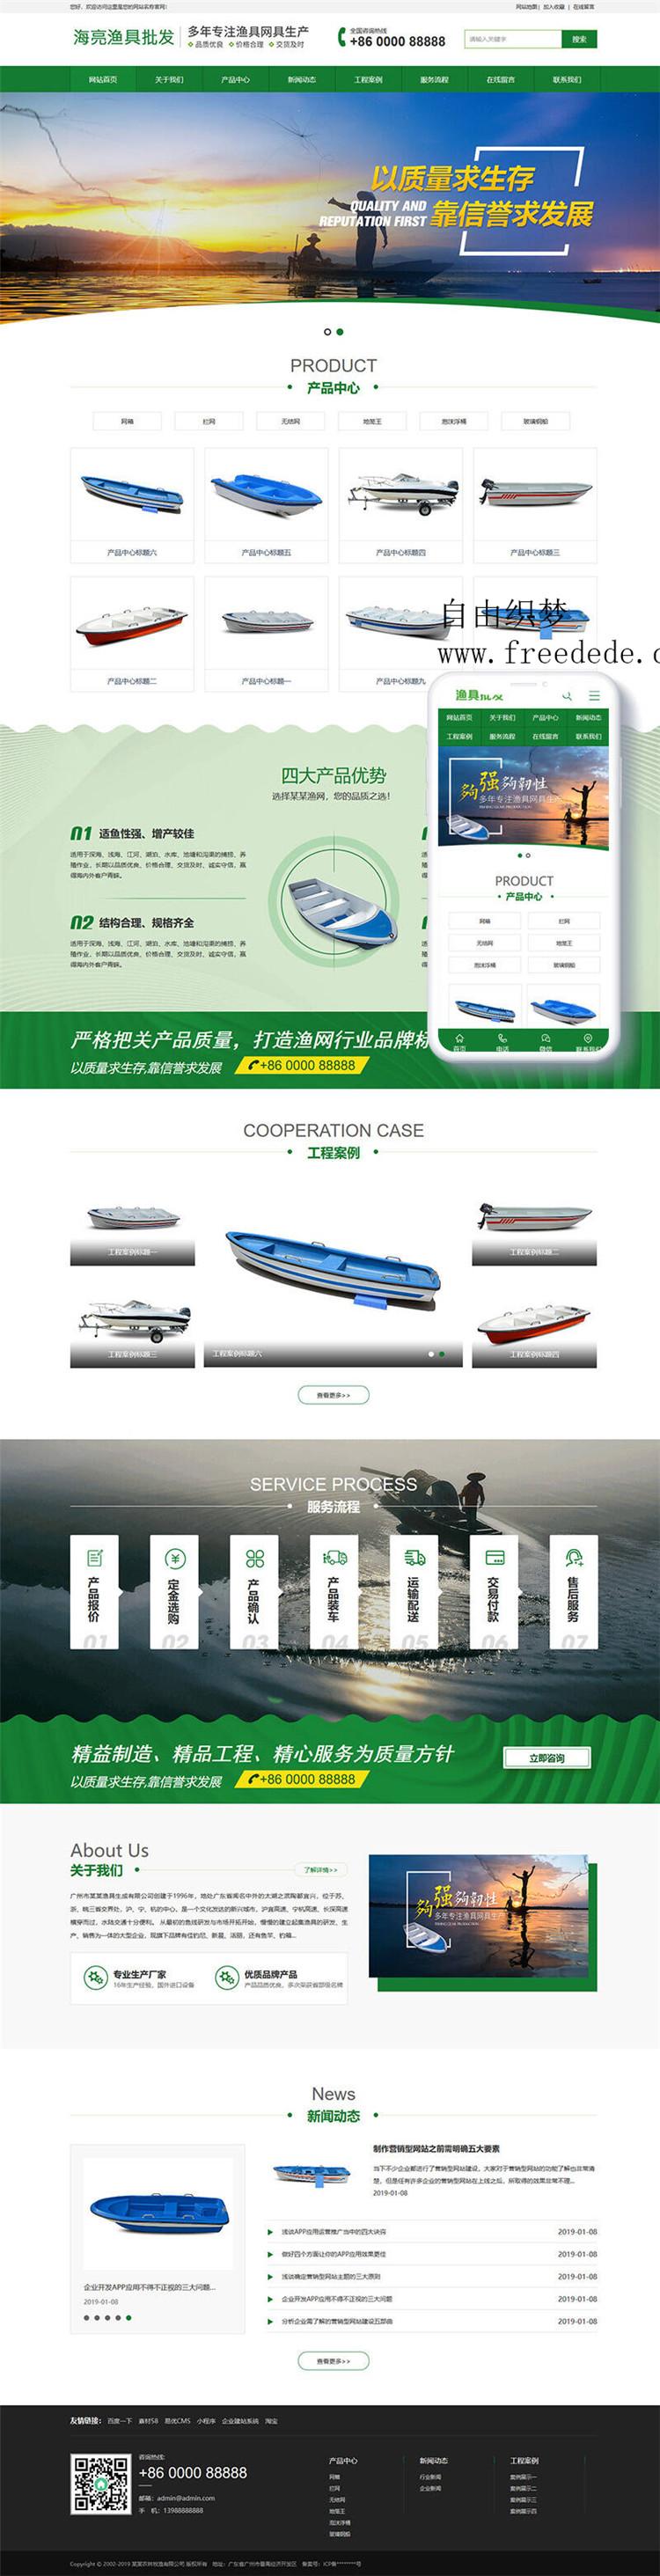 爱上源码网文章dedecms模板下载 渔具批发农林牧渔类网站织梦模板(带手机端)的内容插图